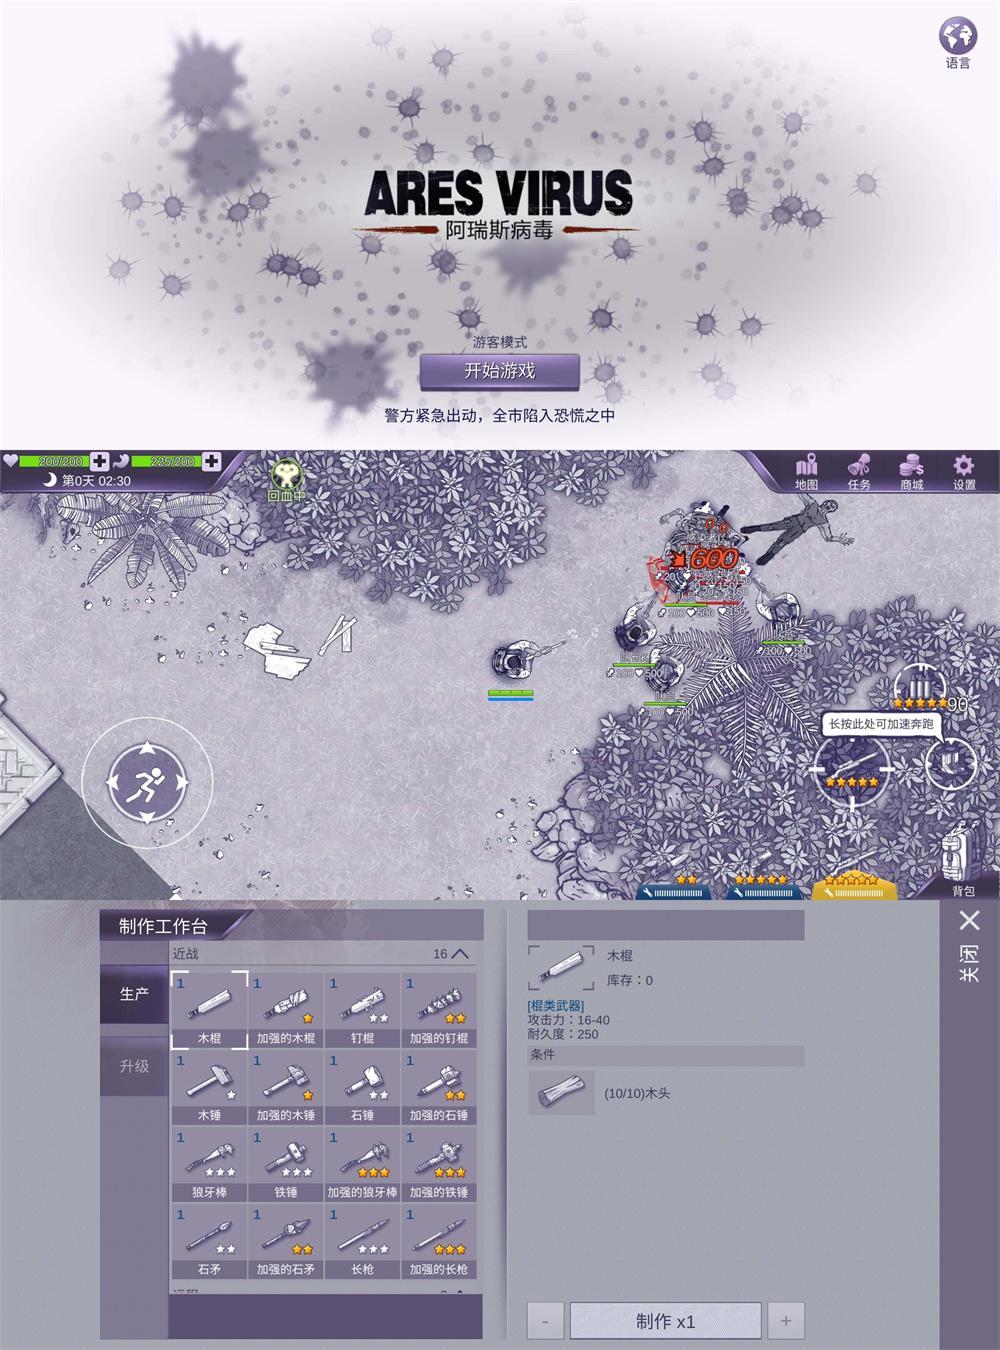 超火的生存逃生游戏 阿瑞斯病毒